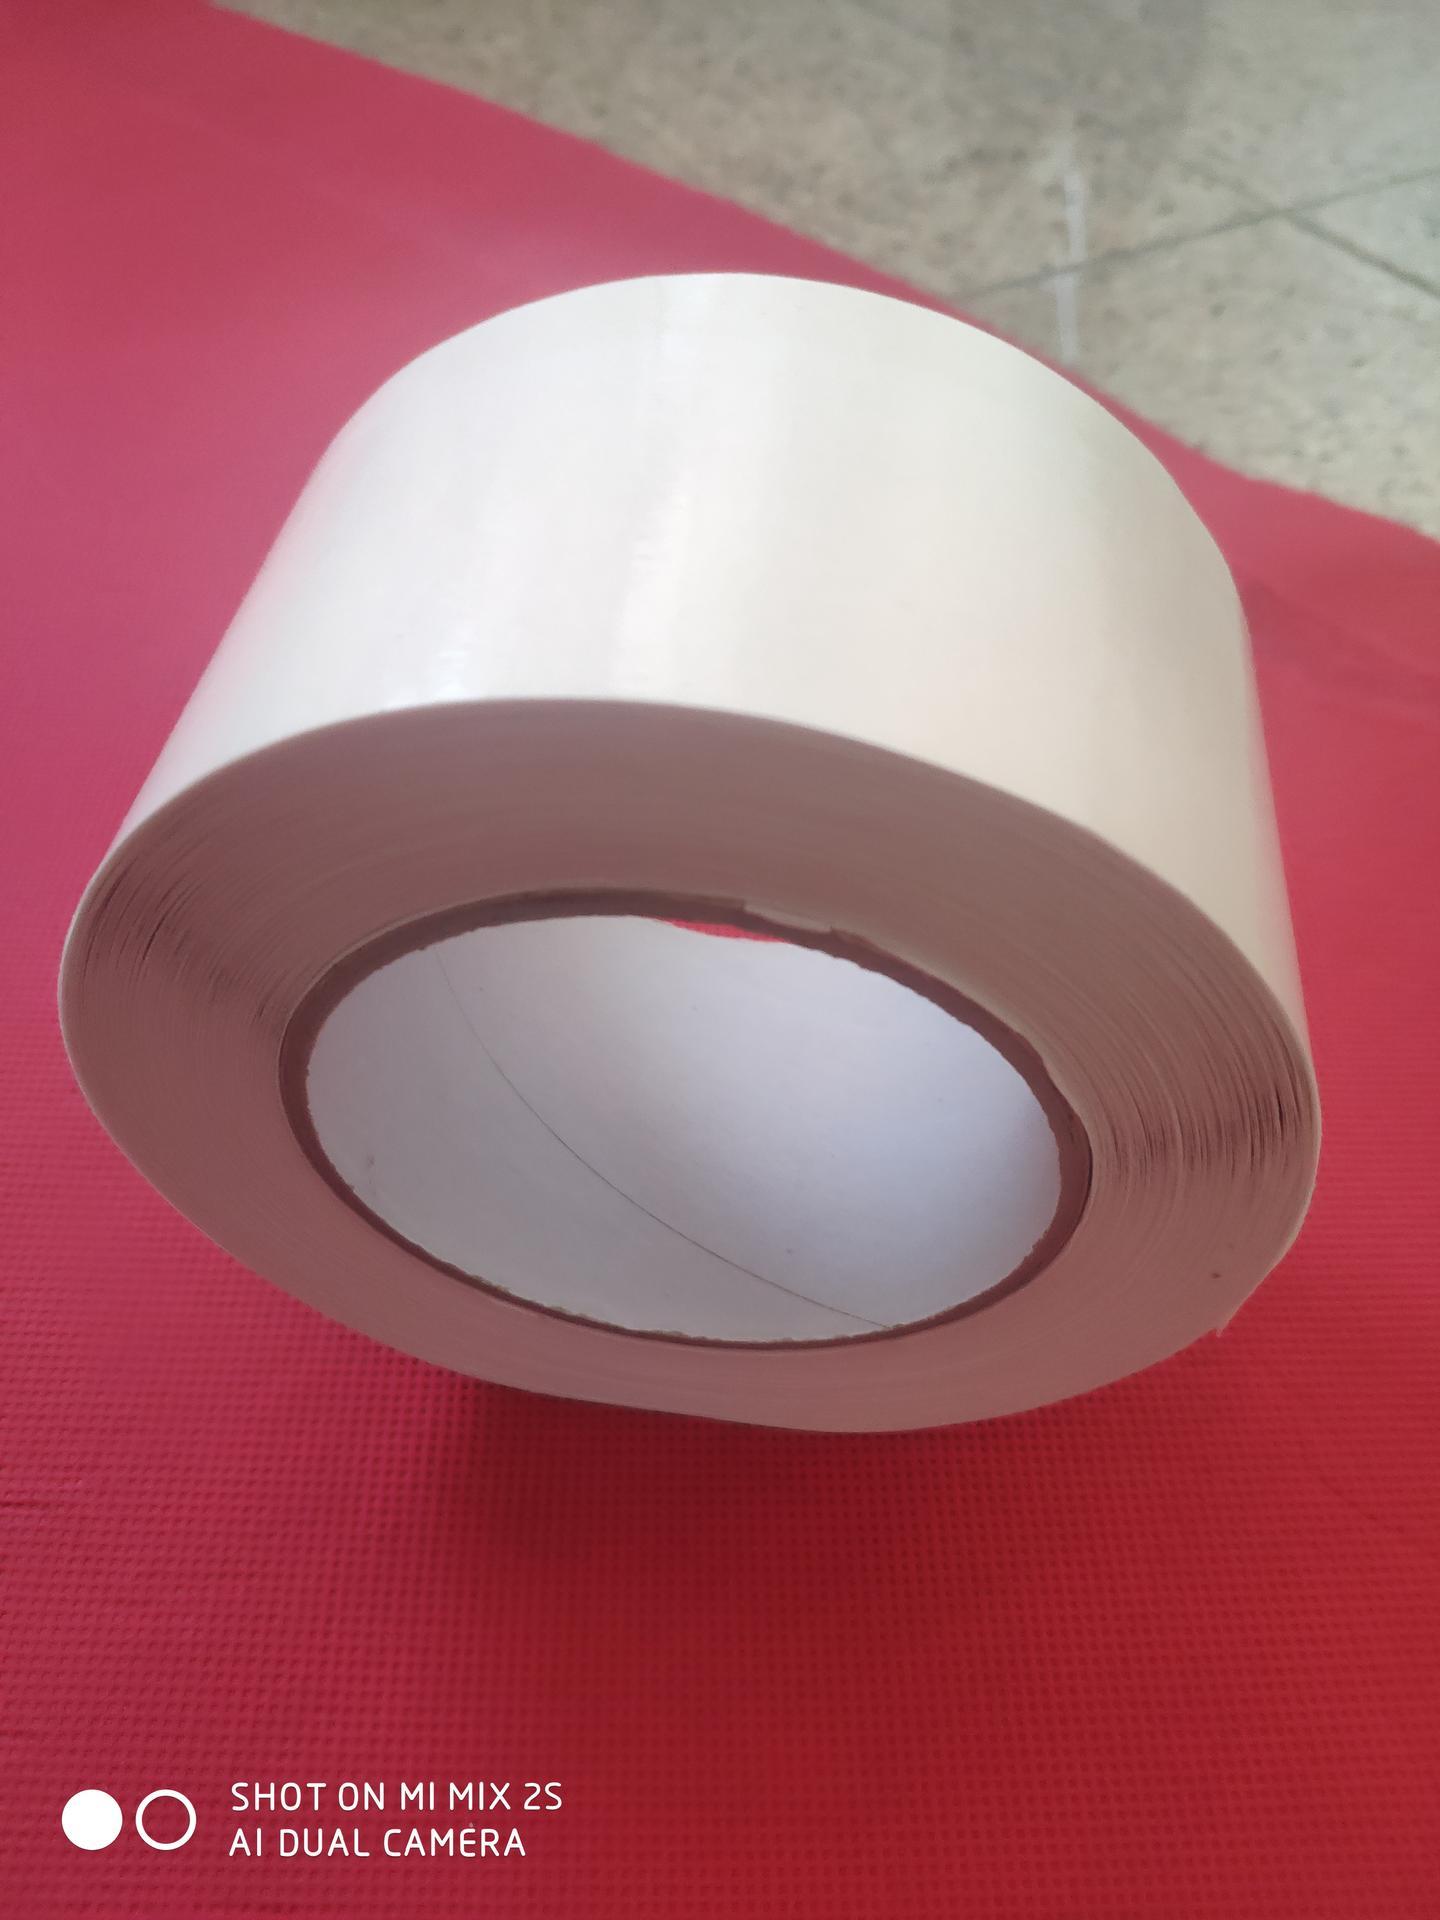 NOVINKA ! Trennfix, tzv. kĺzna páska na zabránenie vzniku trhlín v rohovom styku SDK stropu a steny . Do konca mesiaca máj za cenu 11,40 EUR za 50m dĺžku, len na www.stavebnepasky.sk - Obrázok č. 2